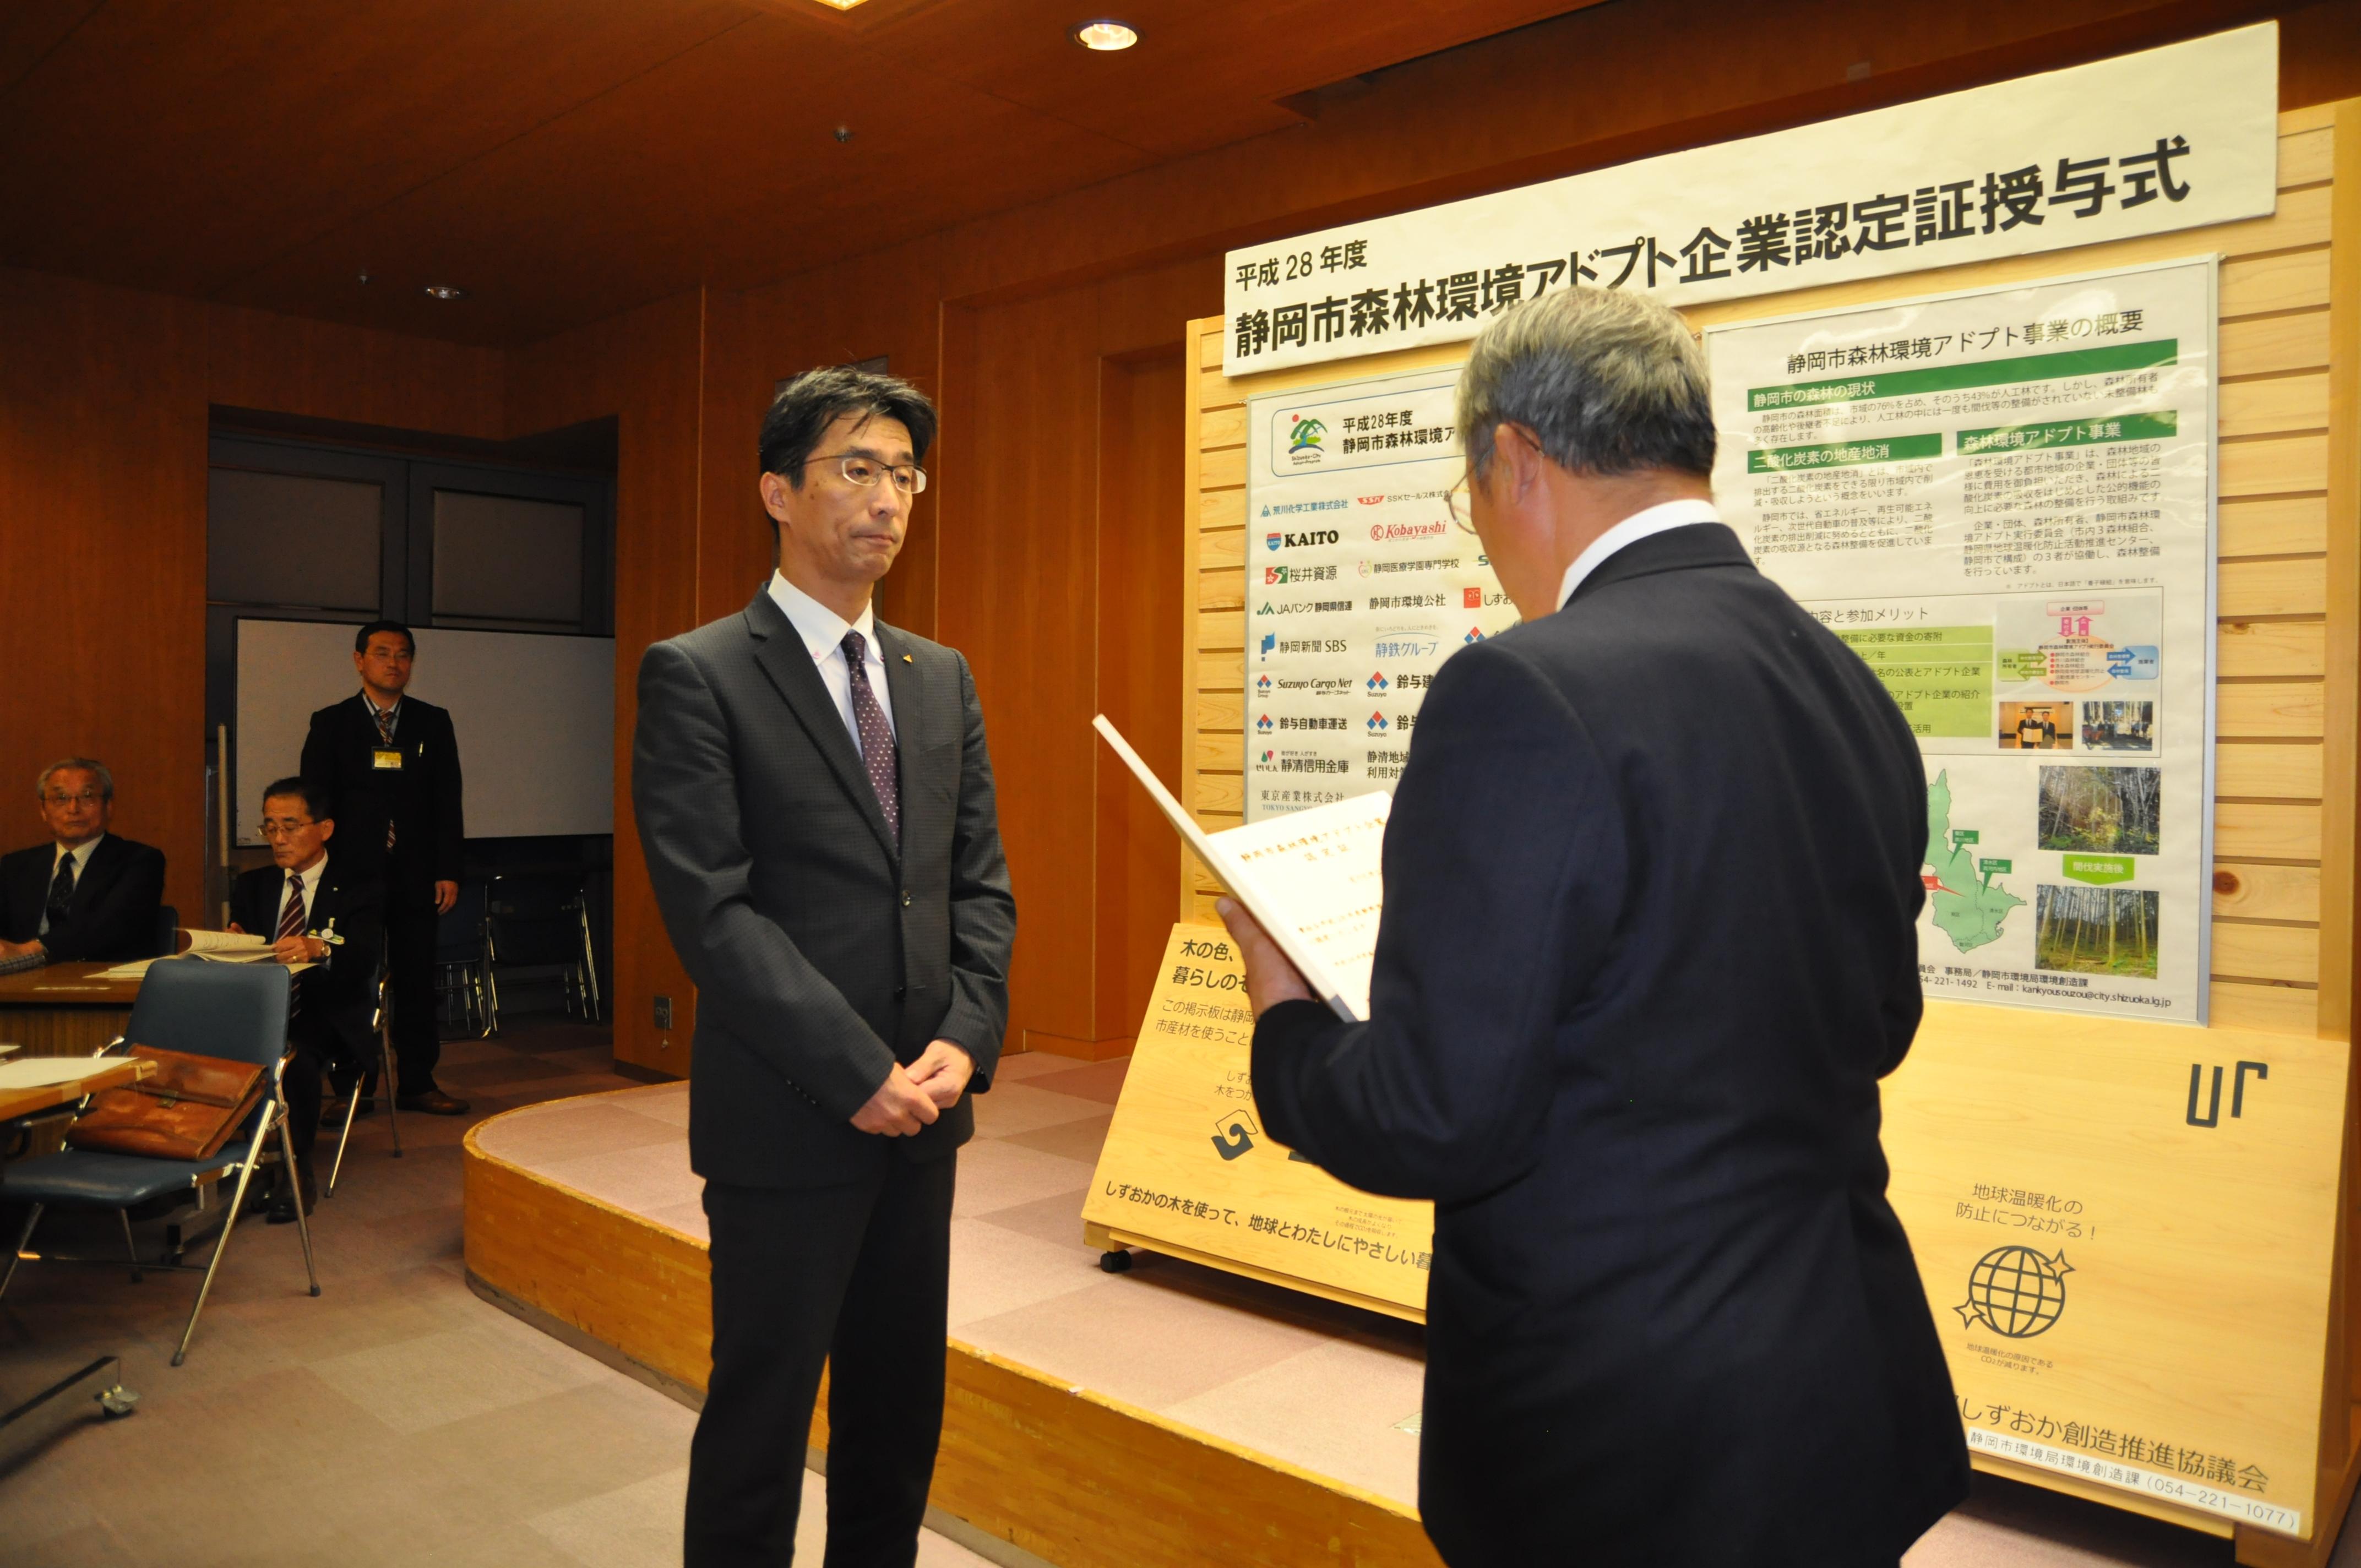 http://www.shizutan.jp/ondanka/event/images/DSC_9540.JPG